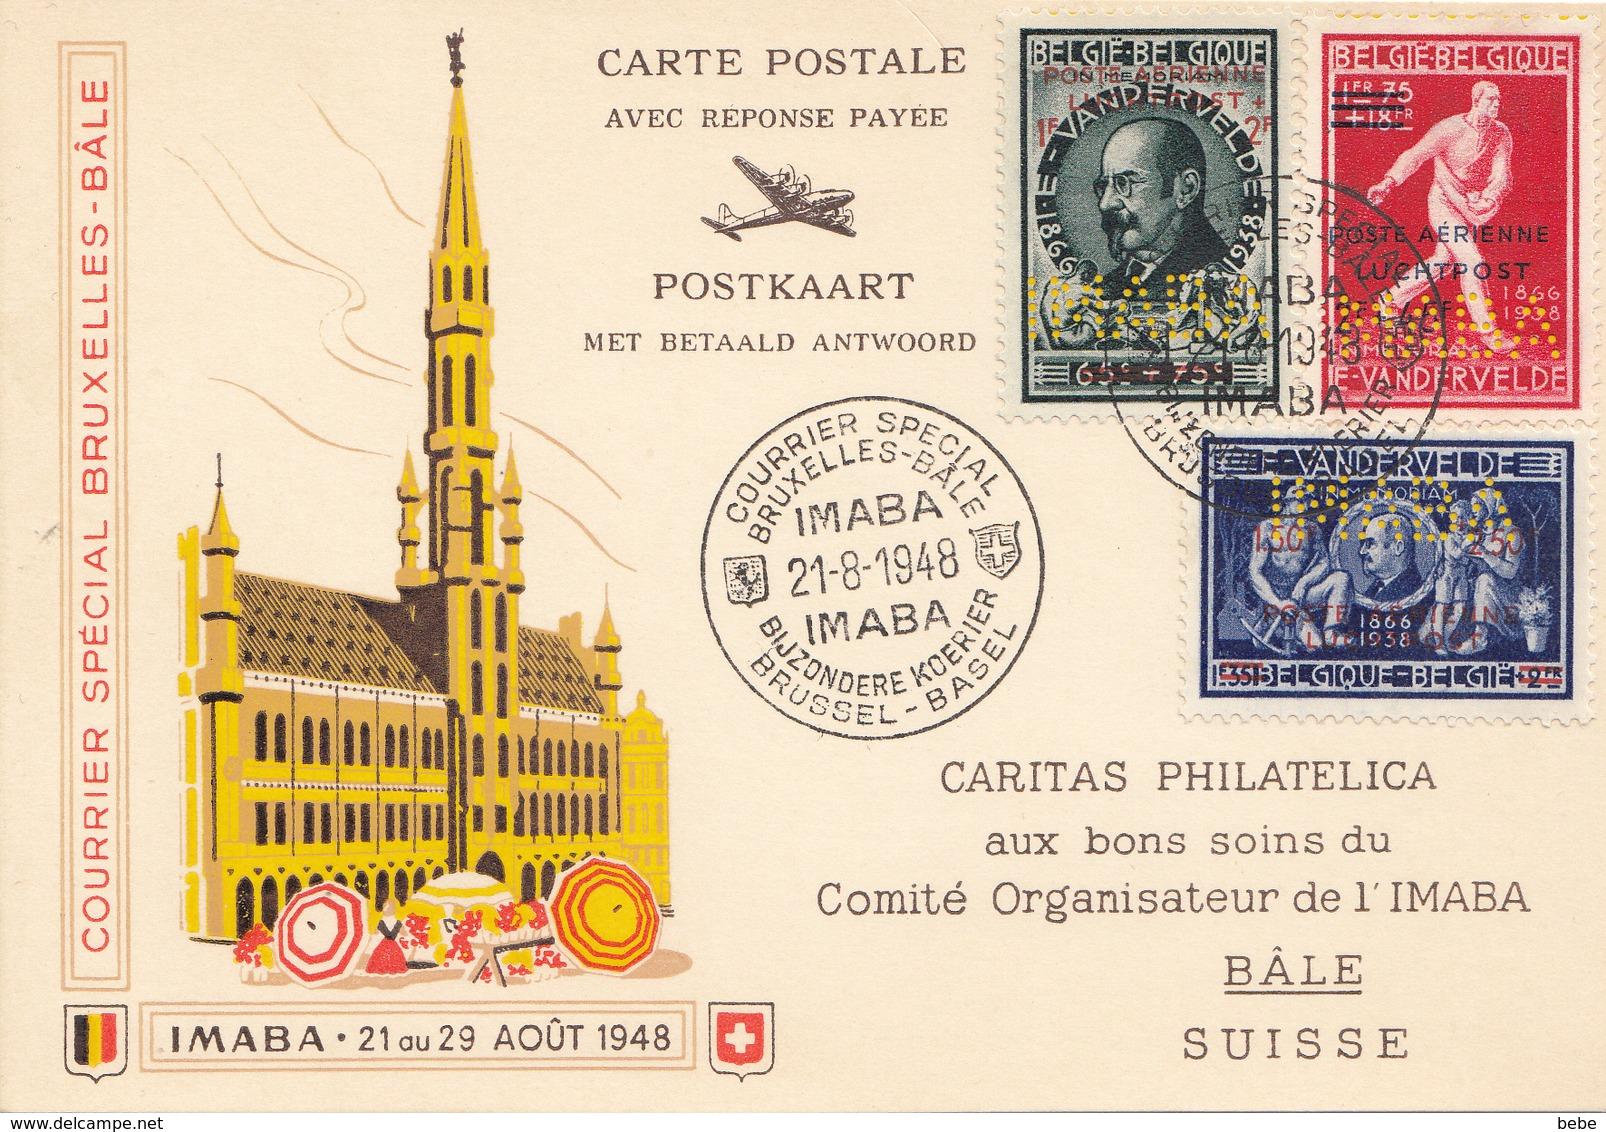 POSTE AÉRIENNE COURRIER SPÉCIAL BRUXELLES-BALE TIMBRES  PERFORE CARTE RÉPONSE PAYER/REPONSE 21-8-1948 - Poste Aérienne